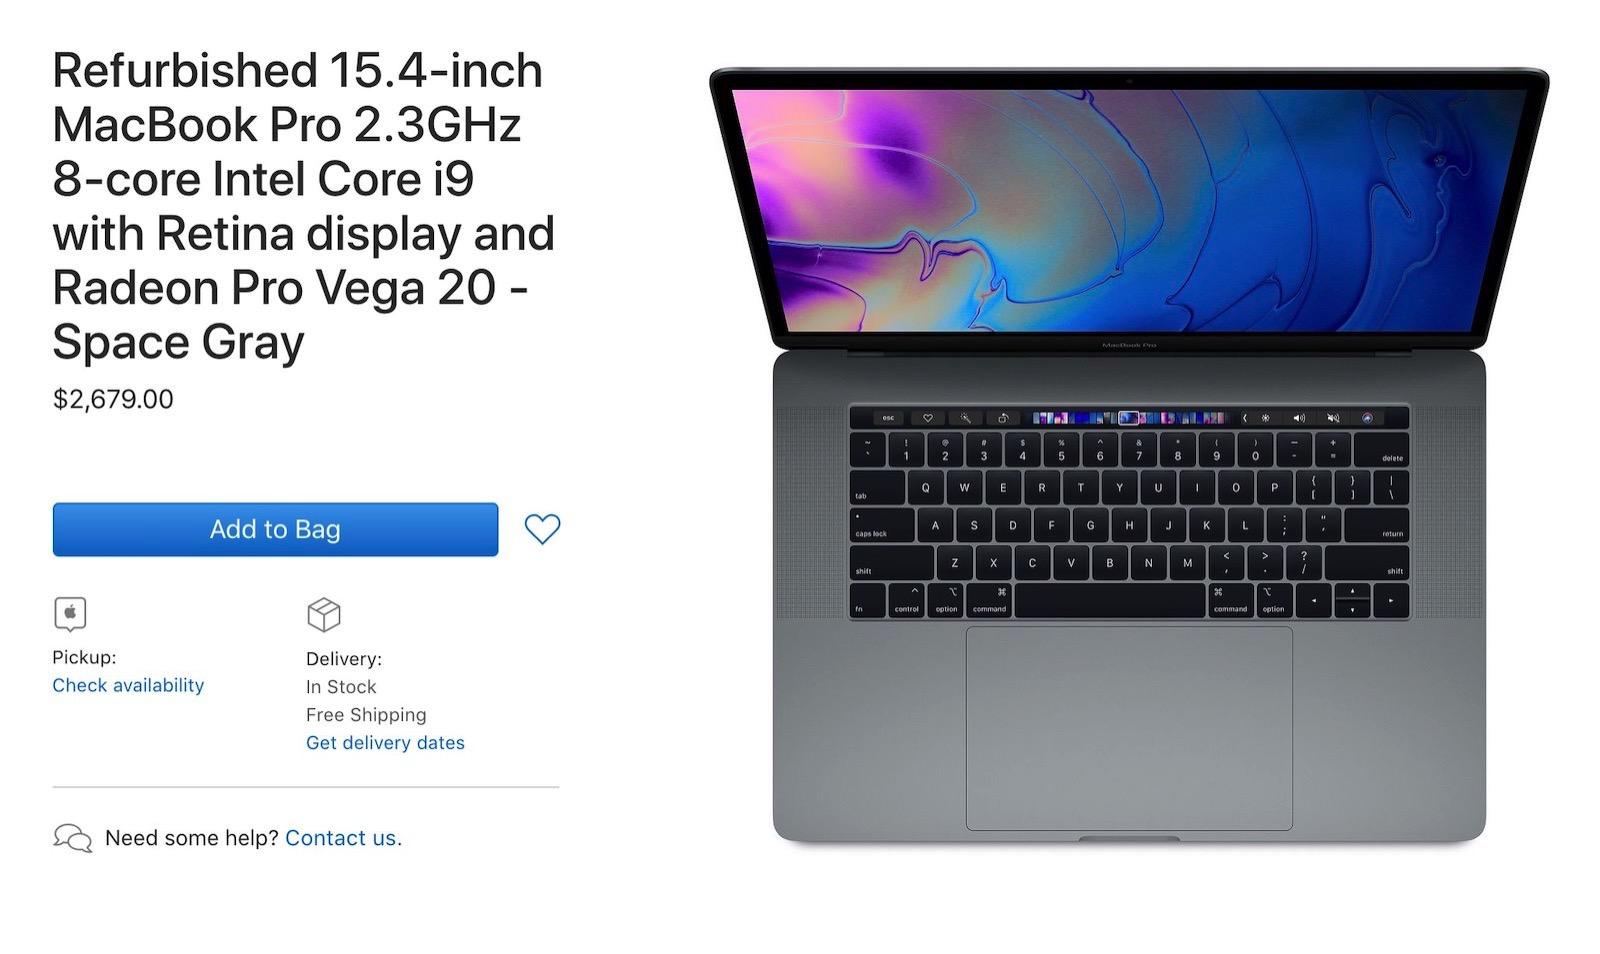 Apple refurbished macbookpro 2019 models